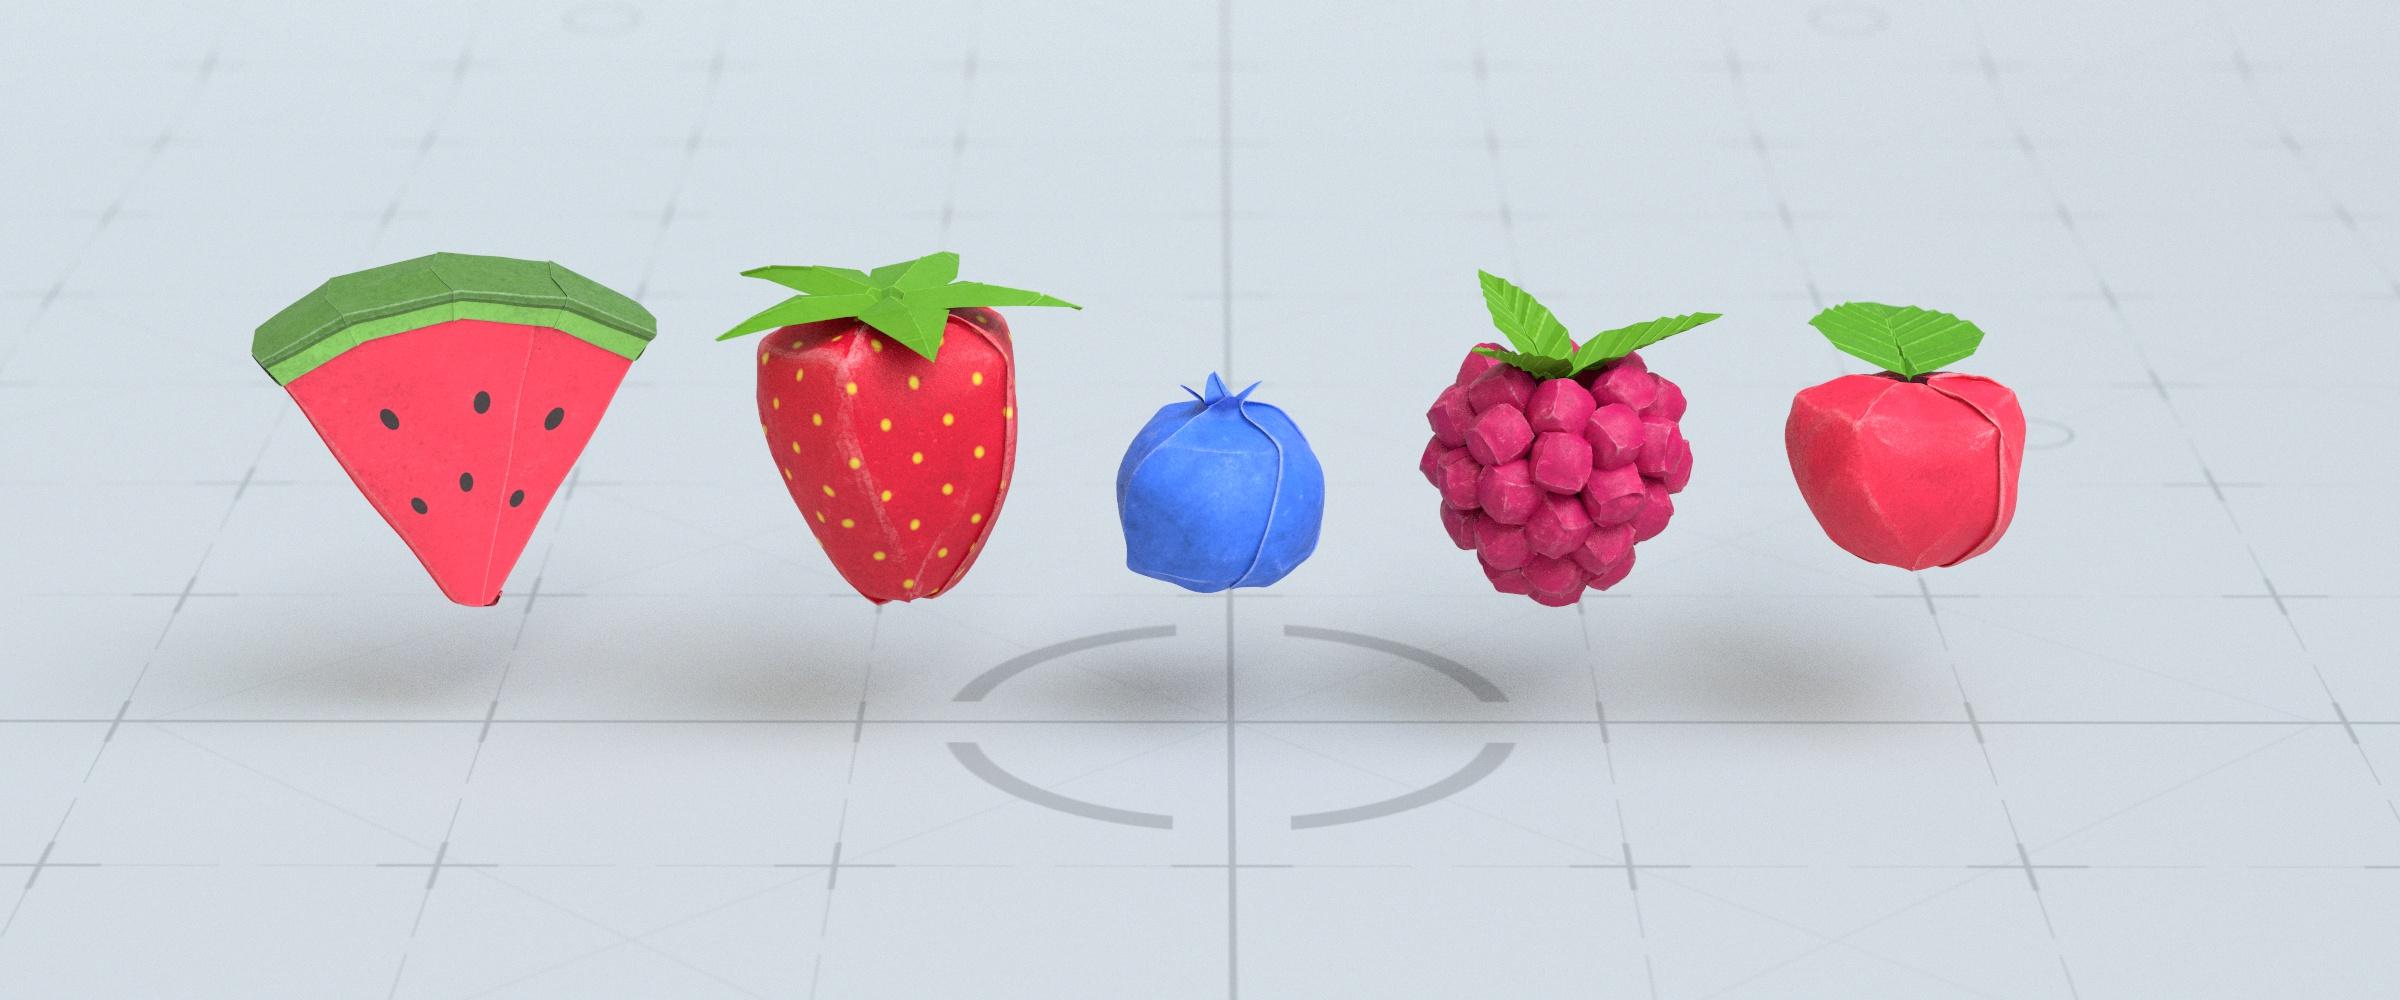 SM_Fruits_Solo_v001.jpg